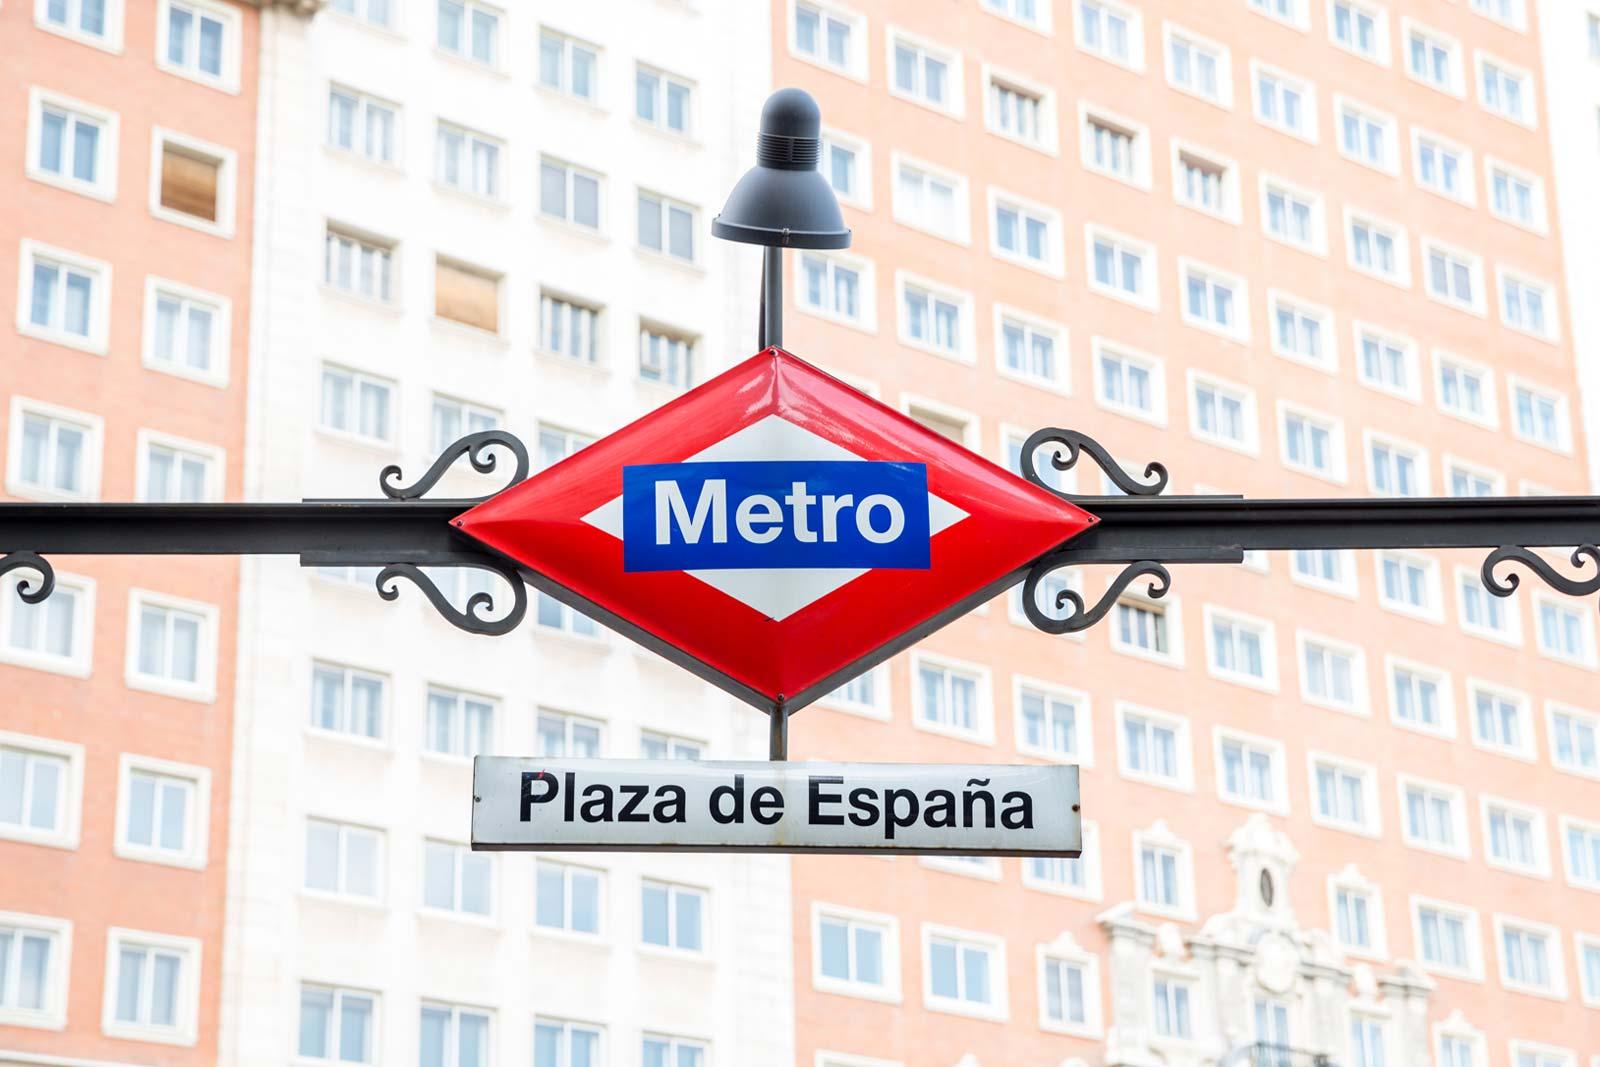 Placa da estação de metro da Praça de Espanha